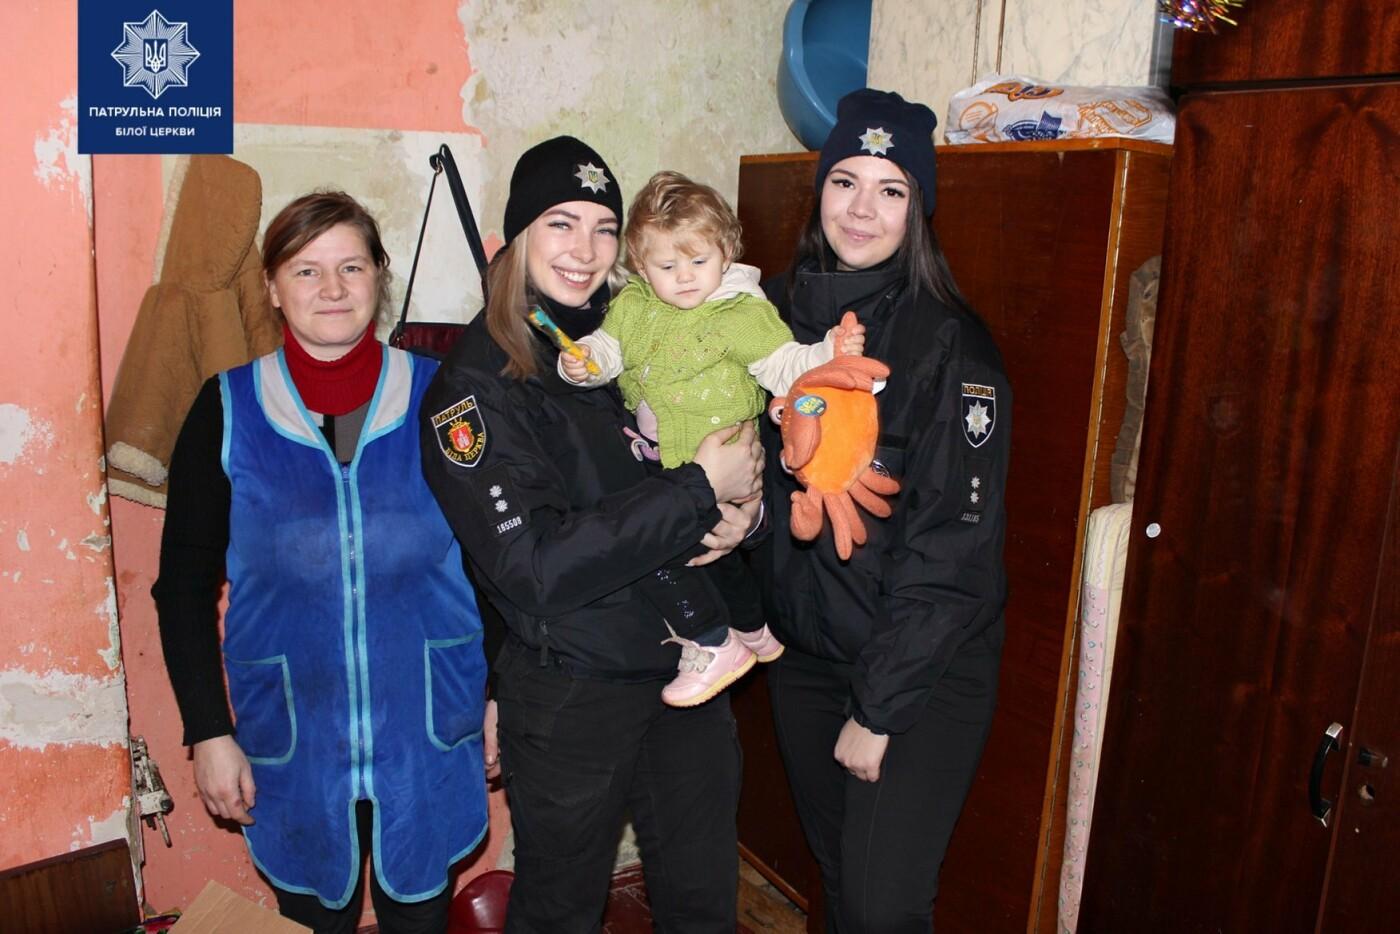 Білоцерківські патрульні та патрульний капелан привітали діток зі святами, фото-1